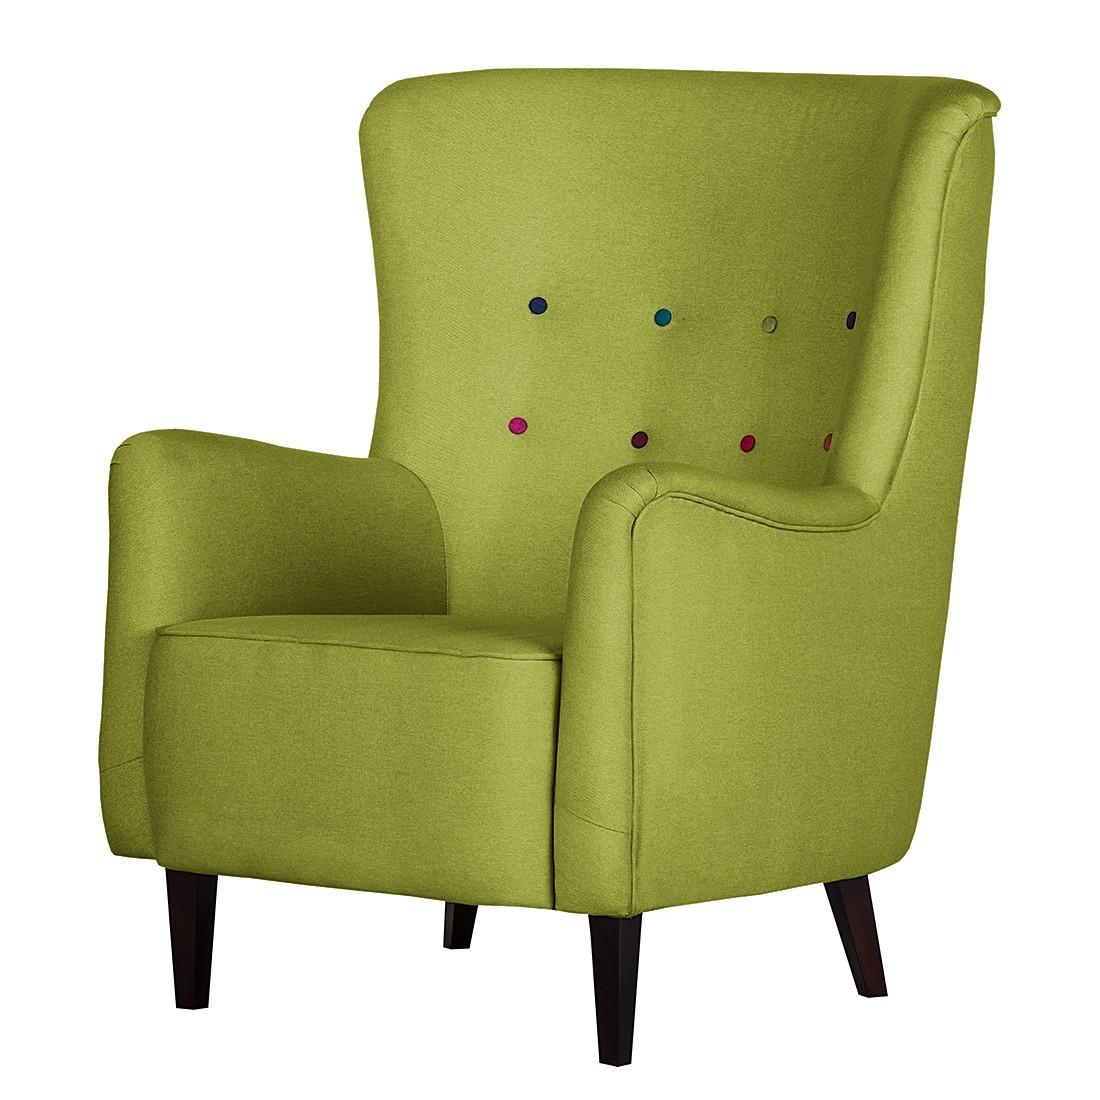 goedkoop Oorfauteuil Josslyn groen geweven stof Morteens